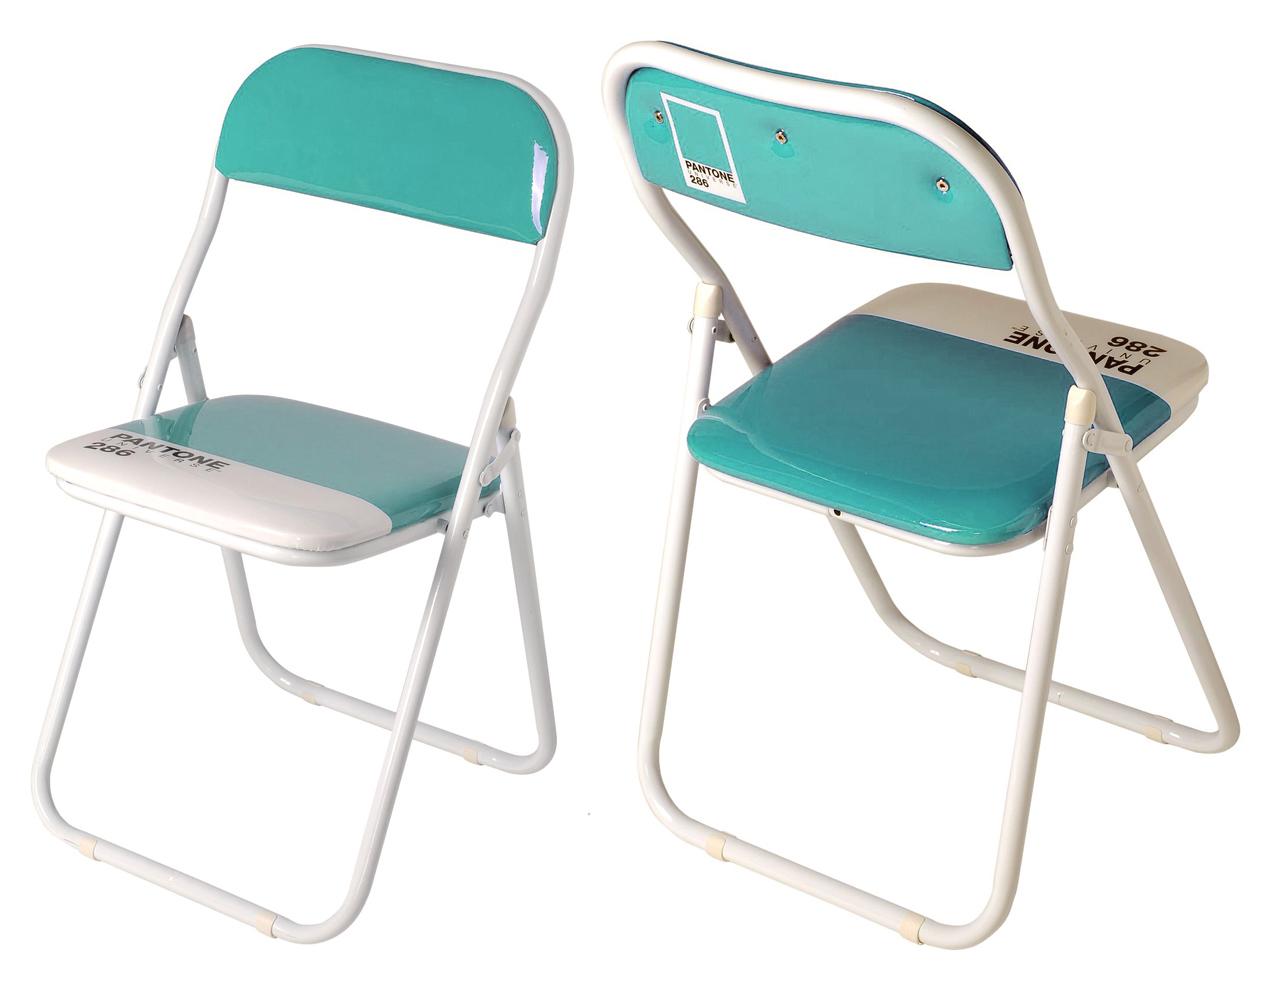 Sedia Pantone Marrone : Sedie pieghevoli design il bestseller pantone chair di seletti